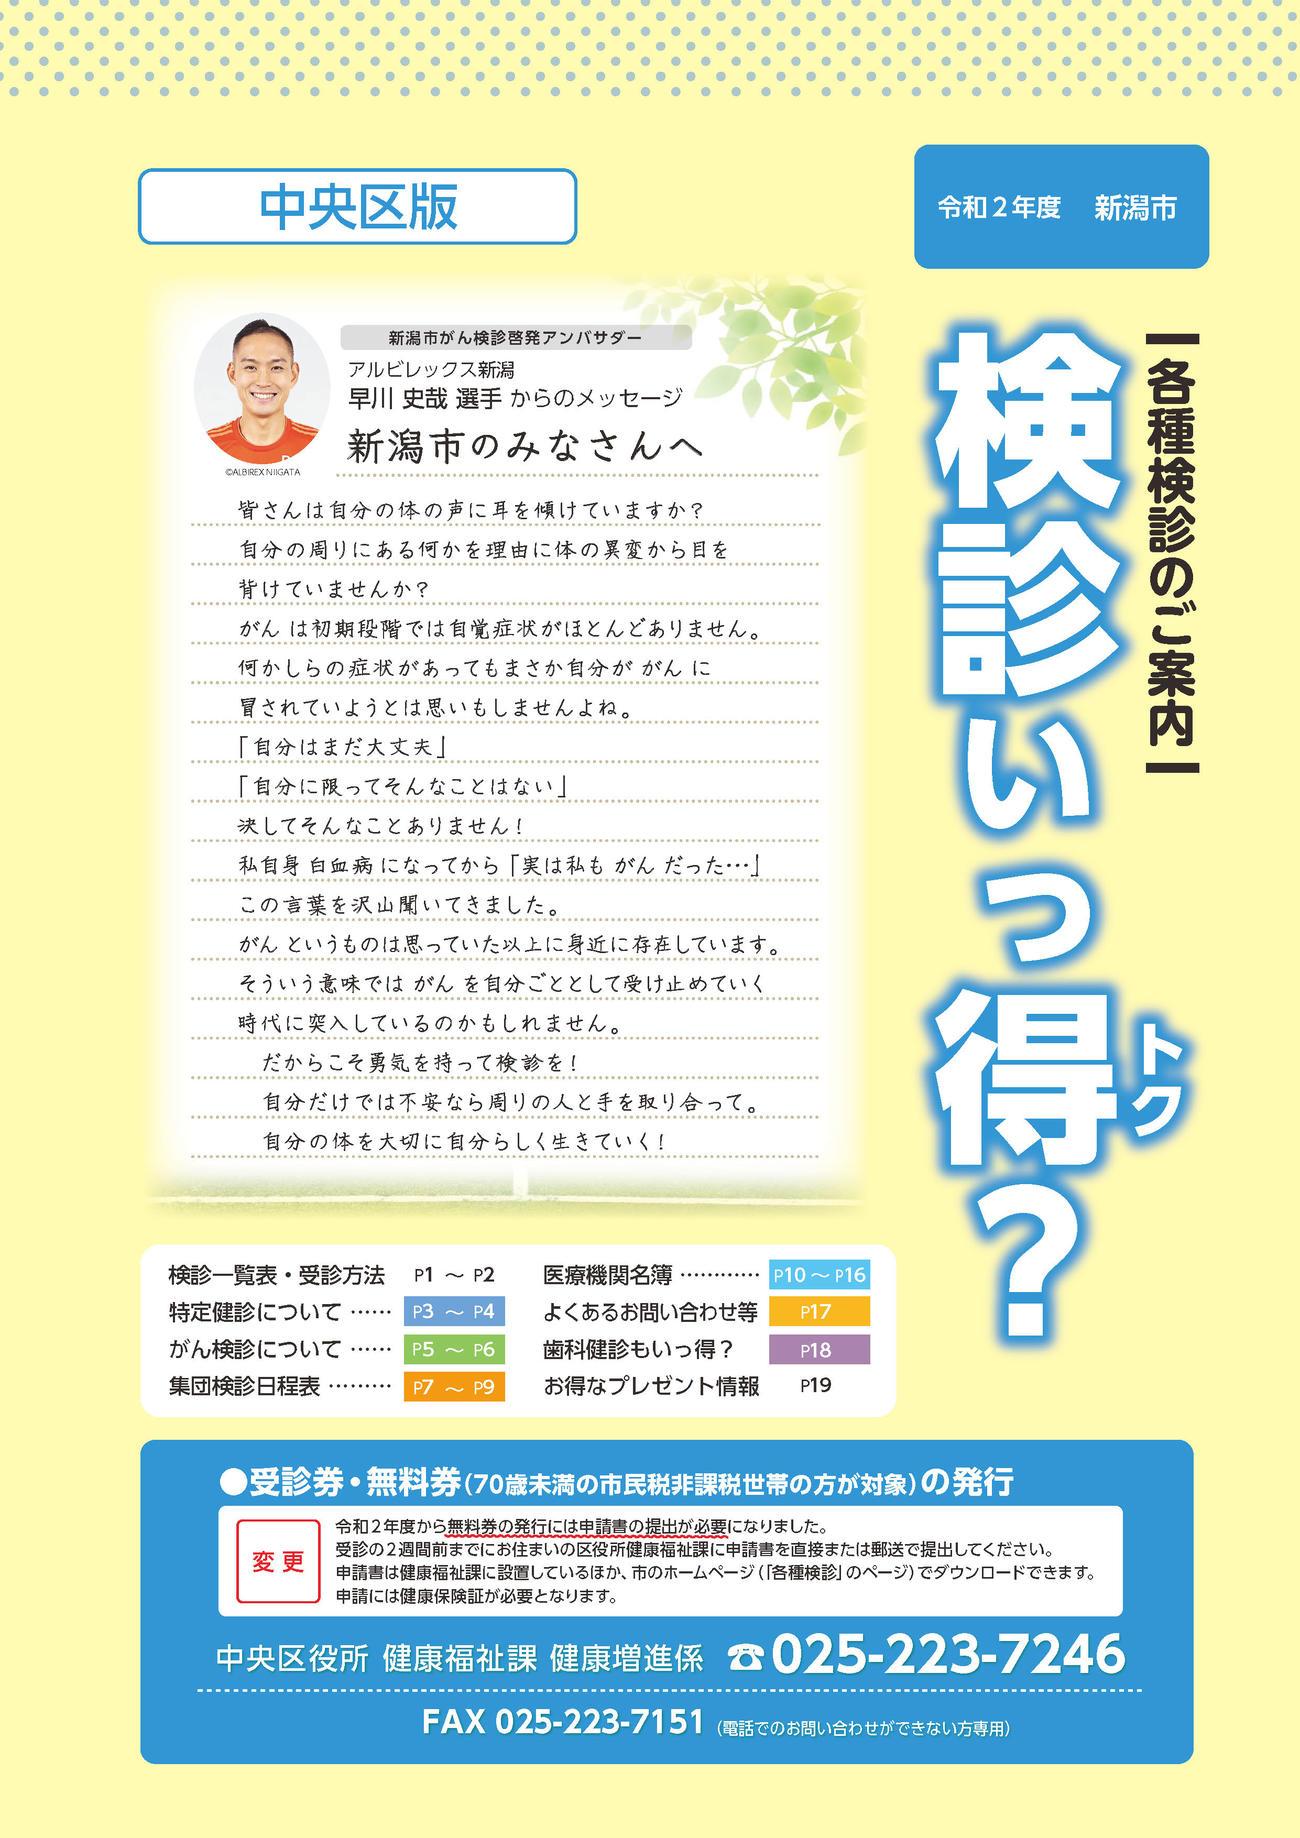 J2新潟DF早川史哉が検診を呼びかけるメッセージが掲載された新潟市の案内冊子「検診いっ得?」